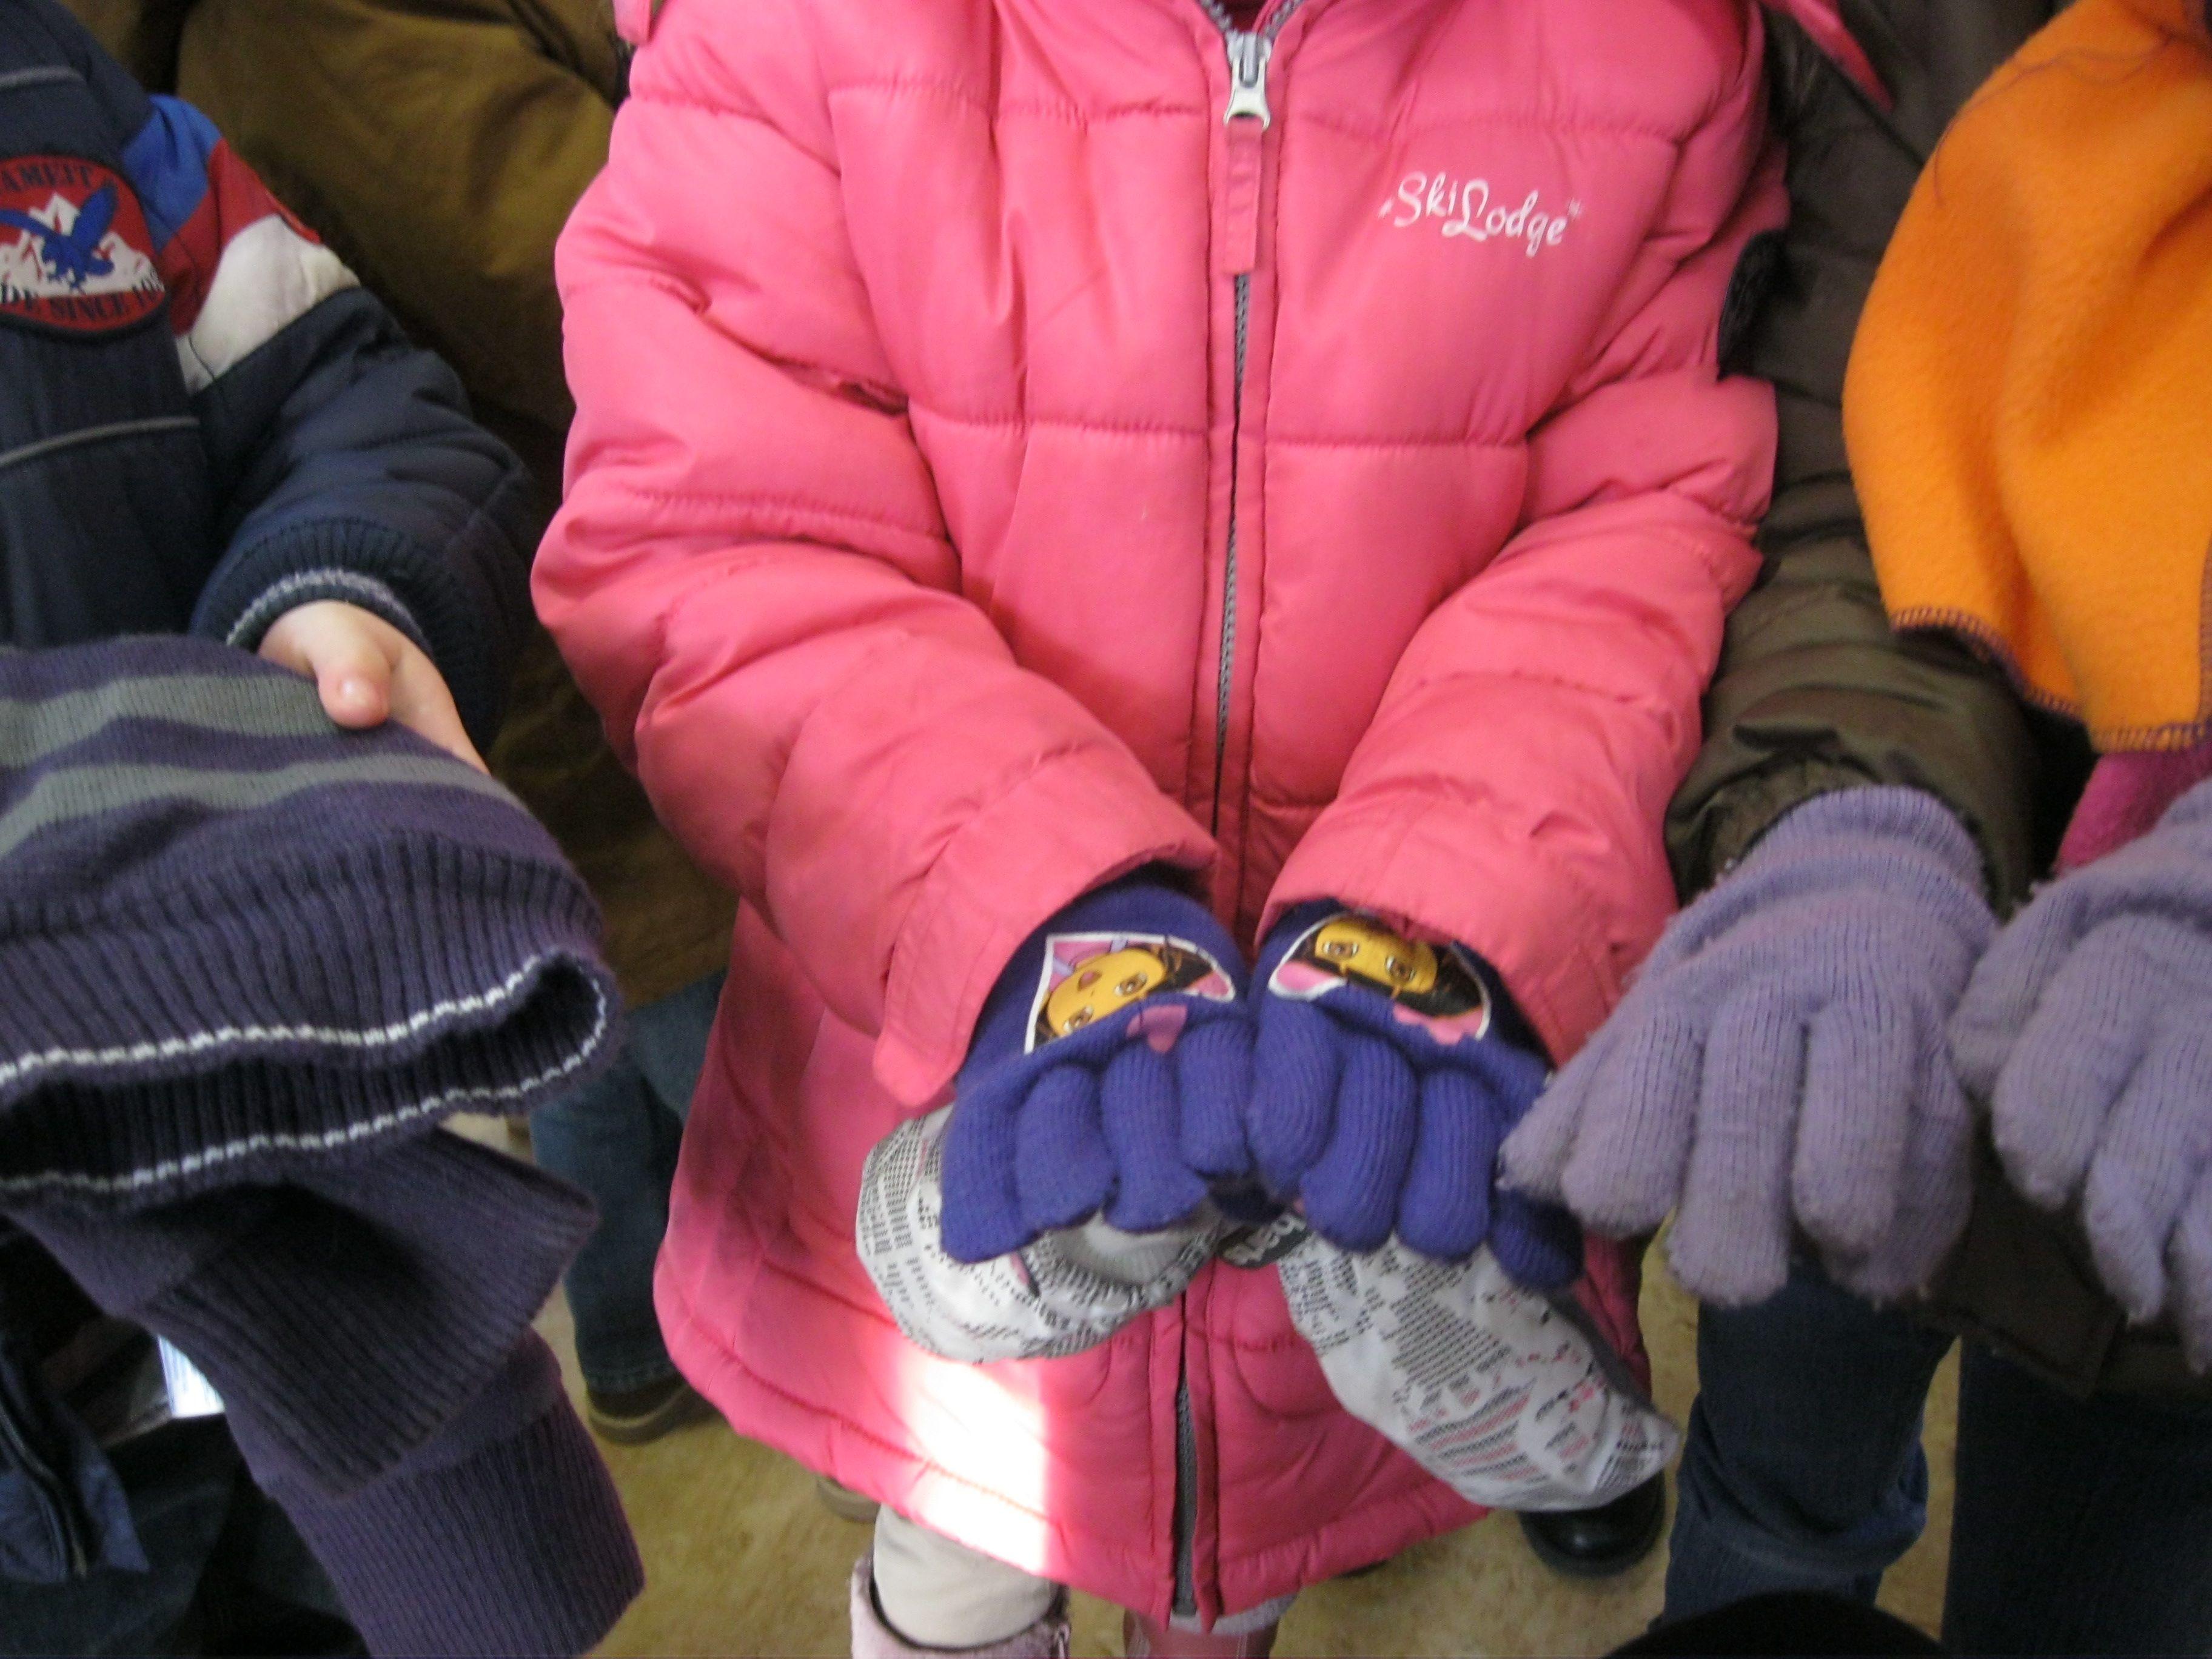 paarse handschoenen, de p van paars